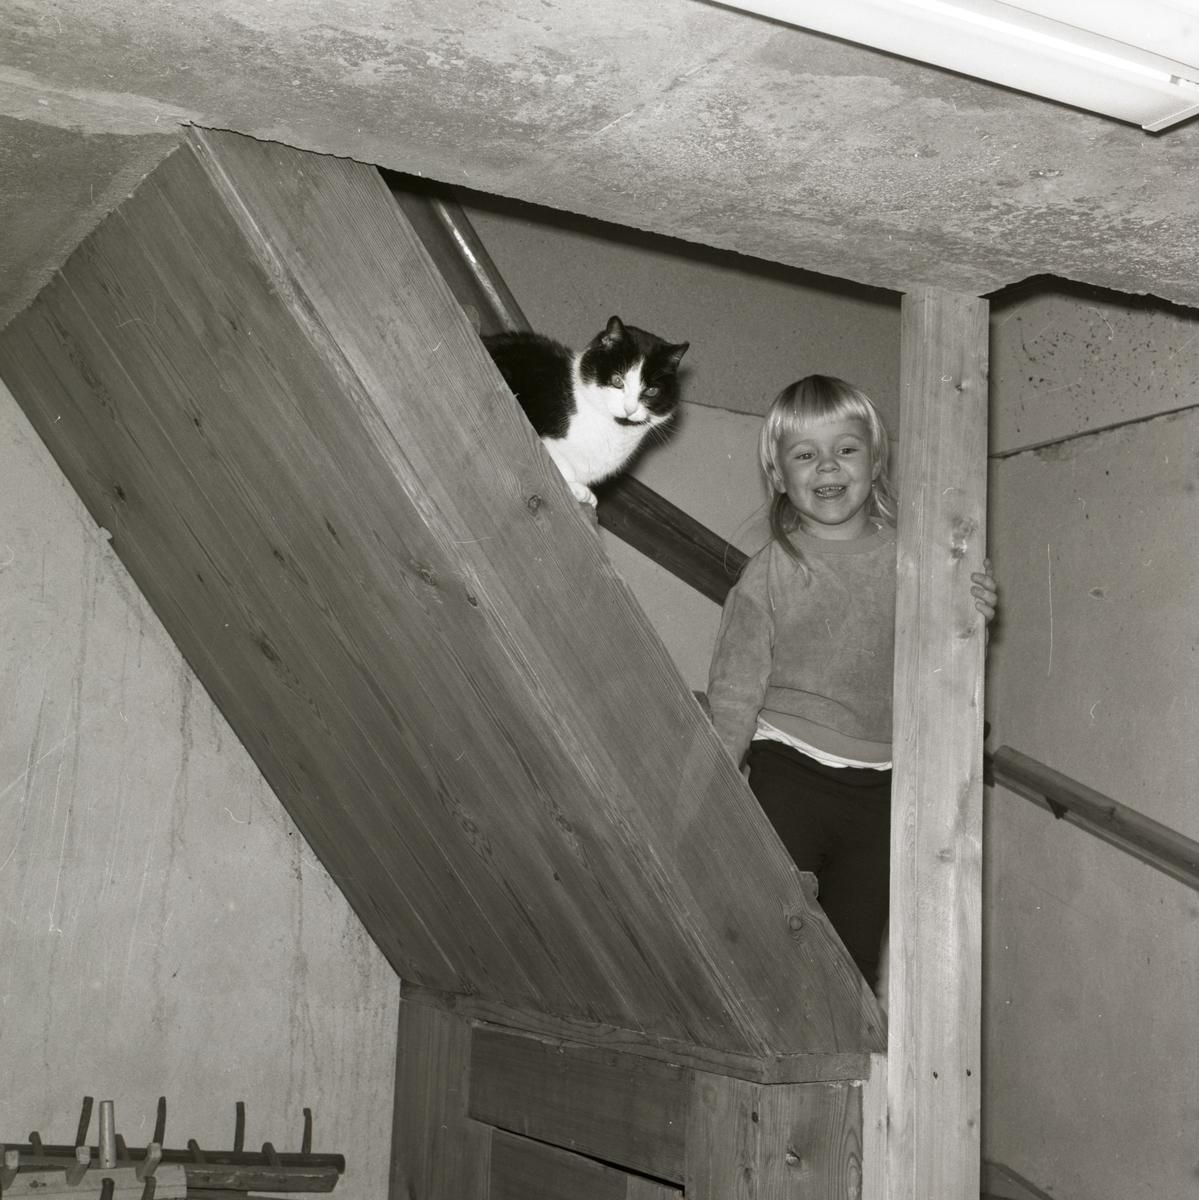 I en källartrapp vid gården Sunnanåker står ett glatt barn och bredvid barnet sitter en katt, 1967-68.